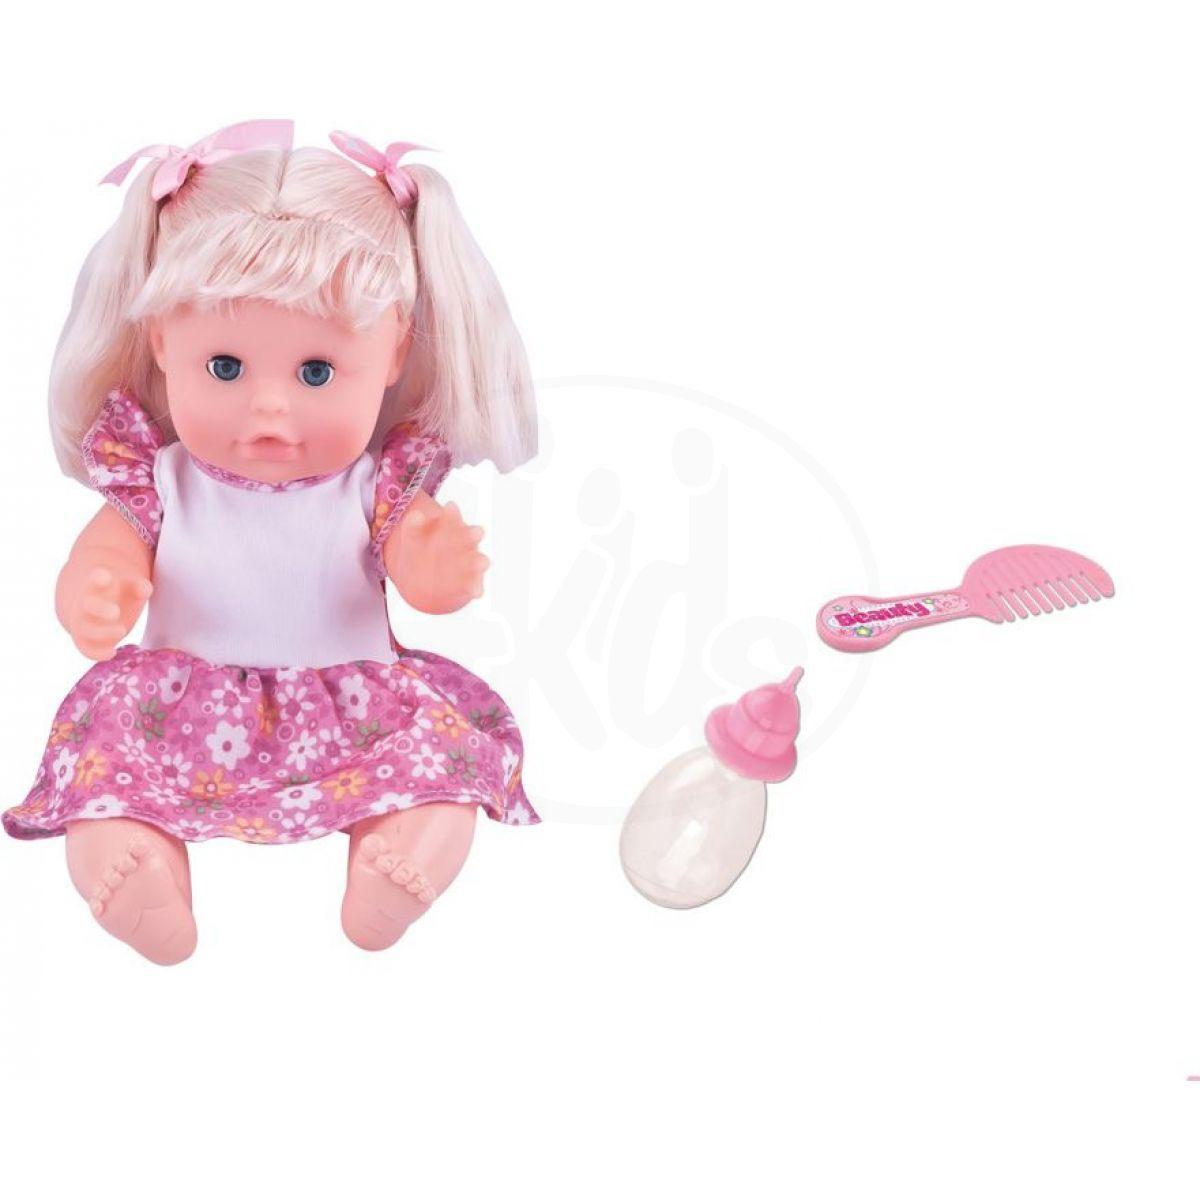 Dimian Panenka Bambolina s hřebínkem a kojeneckou lahvičkou 30 cm